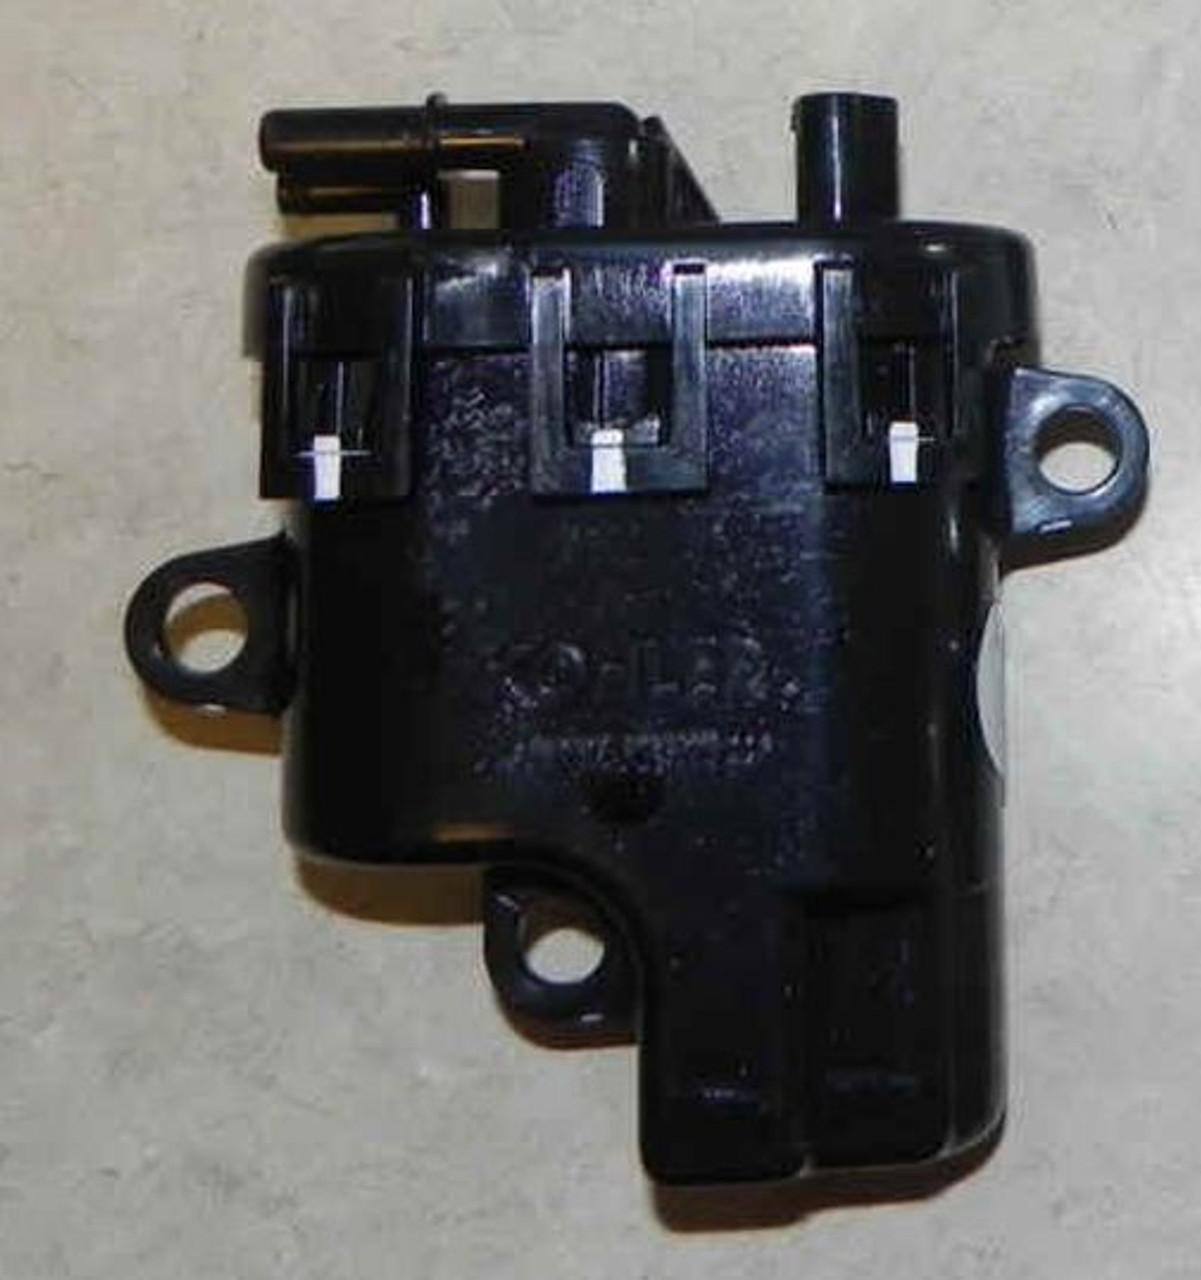 Kohler OEM Fuel Pump Module 2539314 2539316 2539316-S 2575574 2575574-S